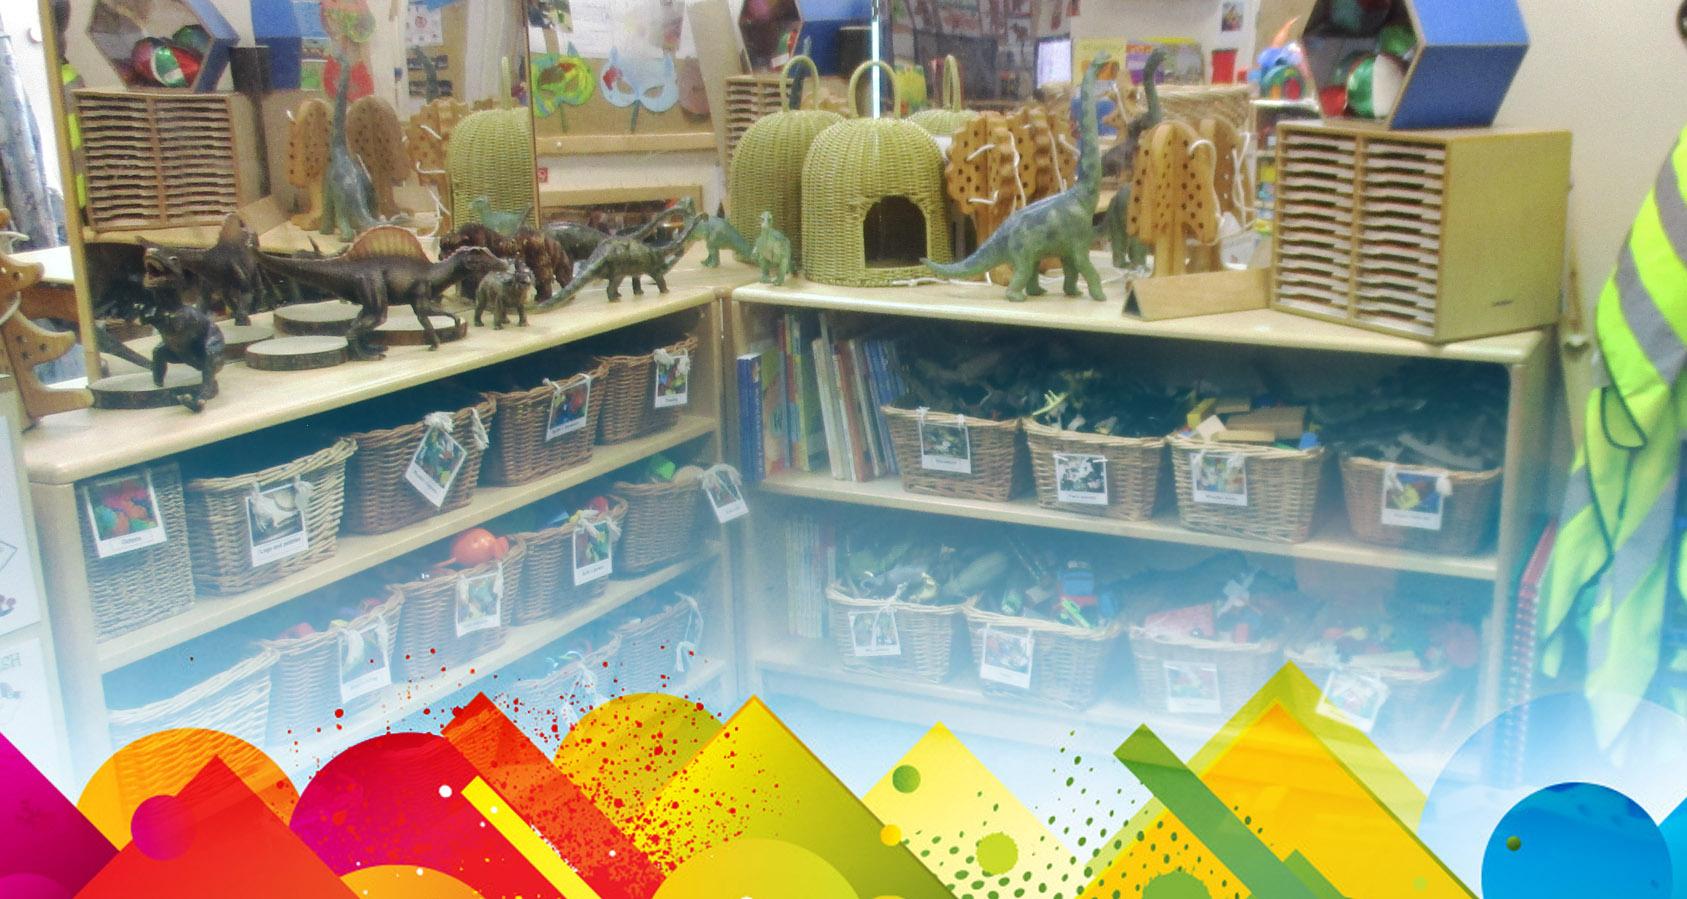 NurseryGallery1.jpg